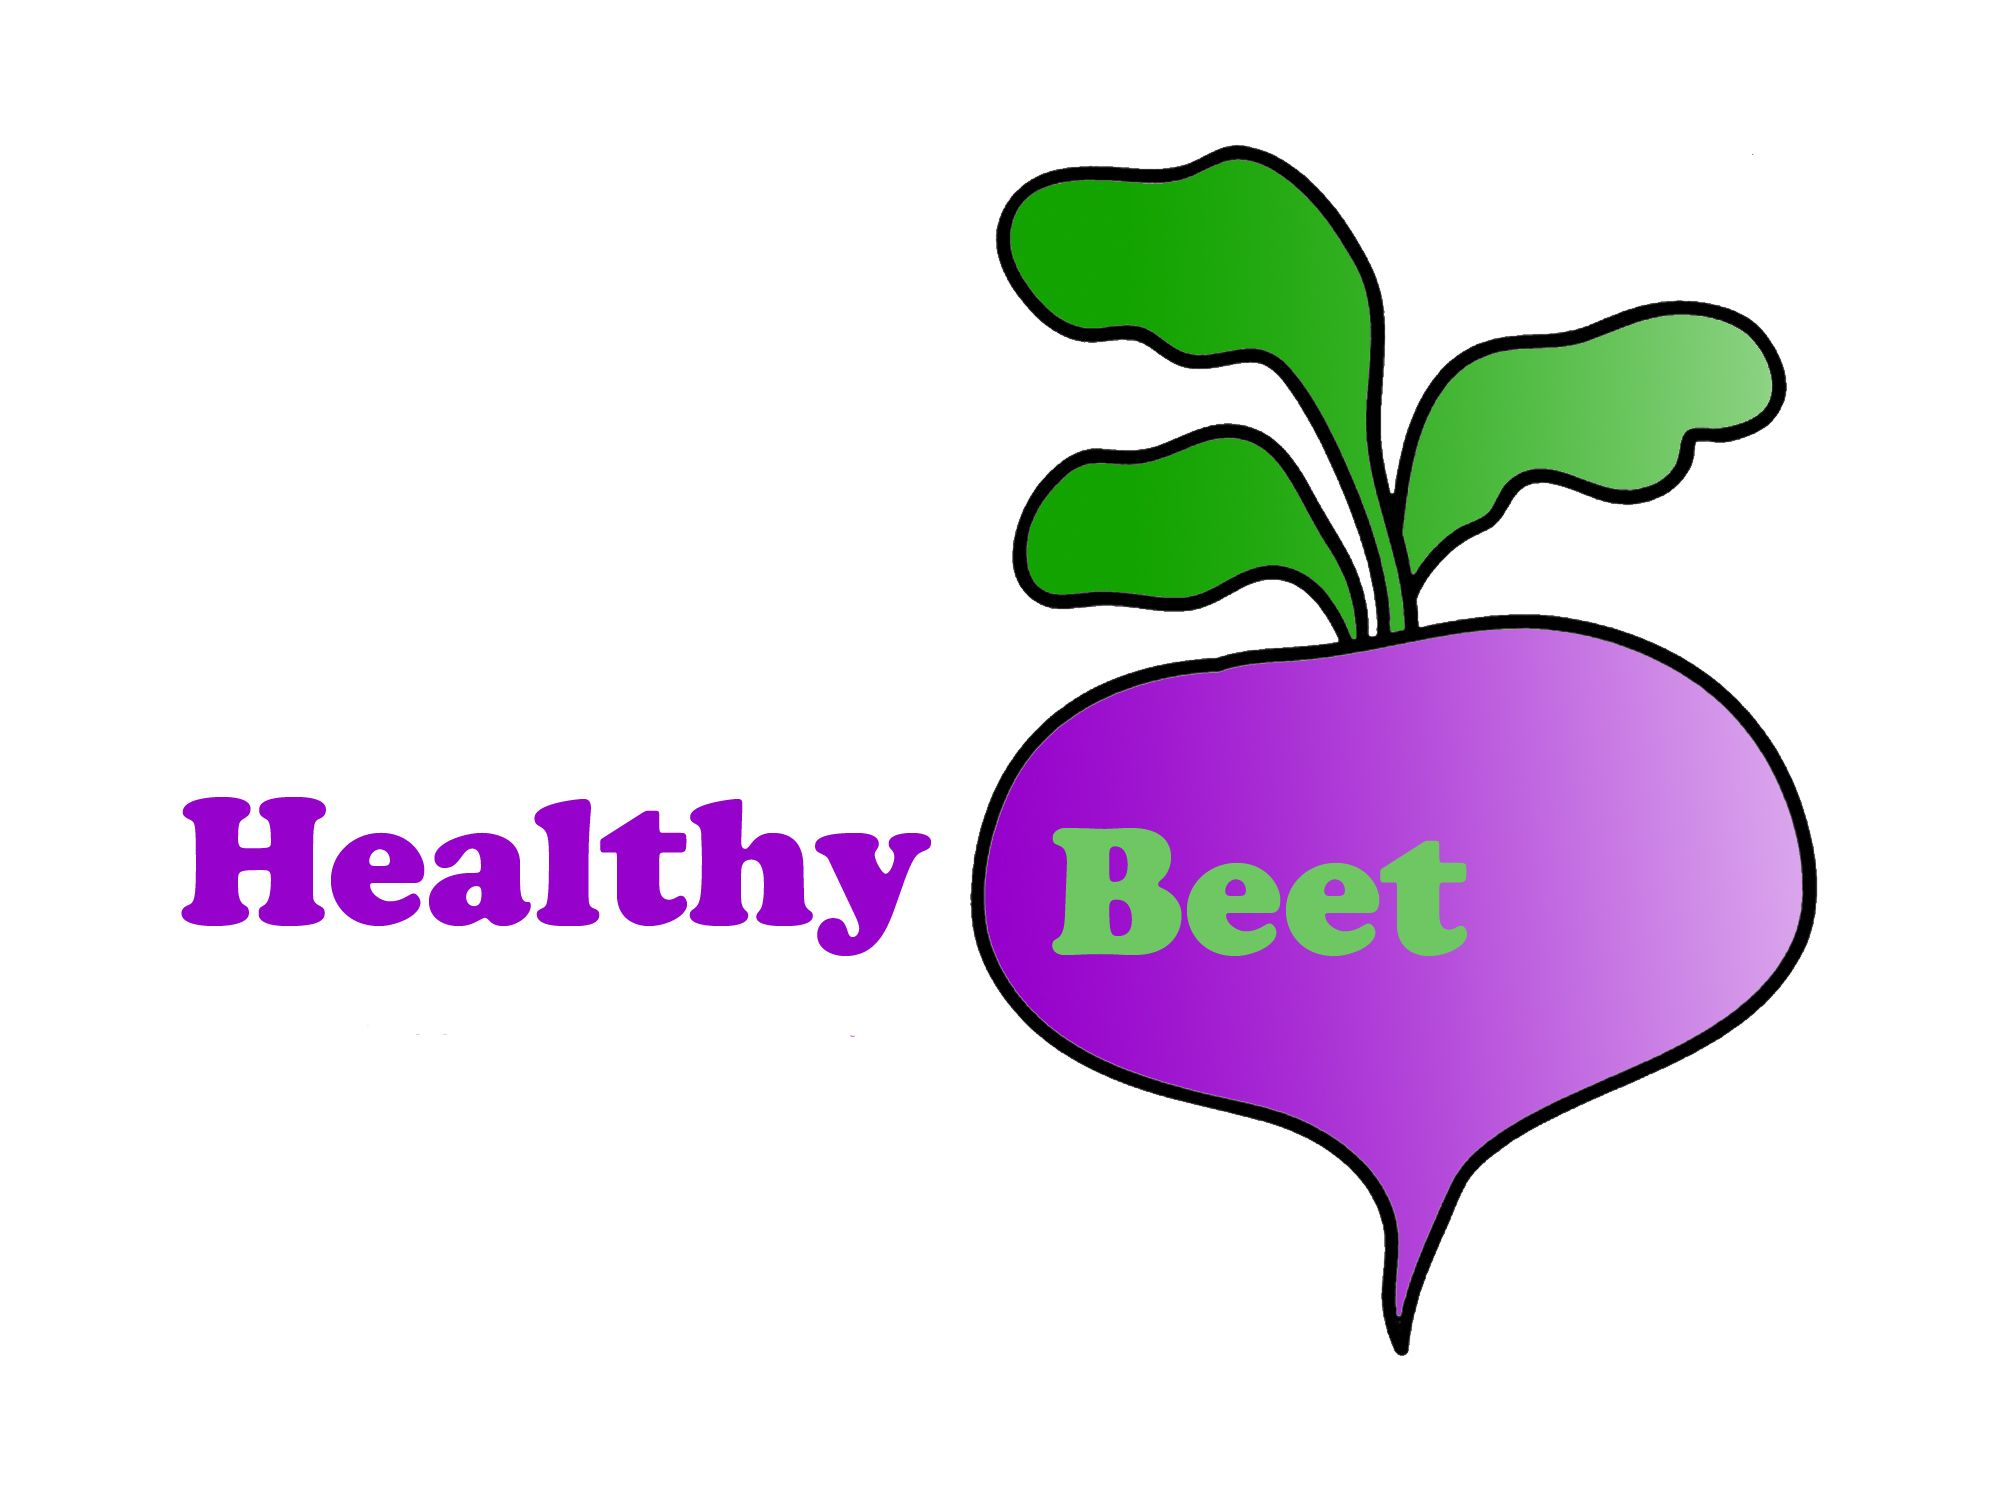 Healthy Bit или Healthy Beet - дизайнер Osusttr